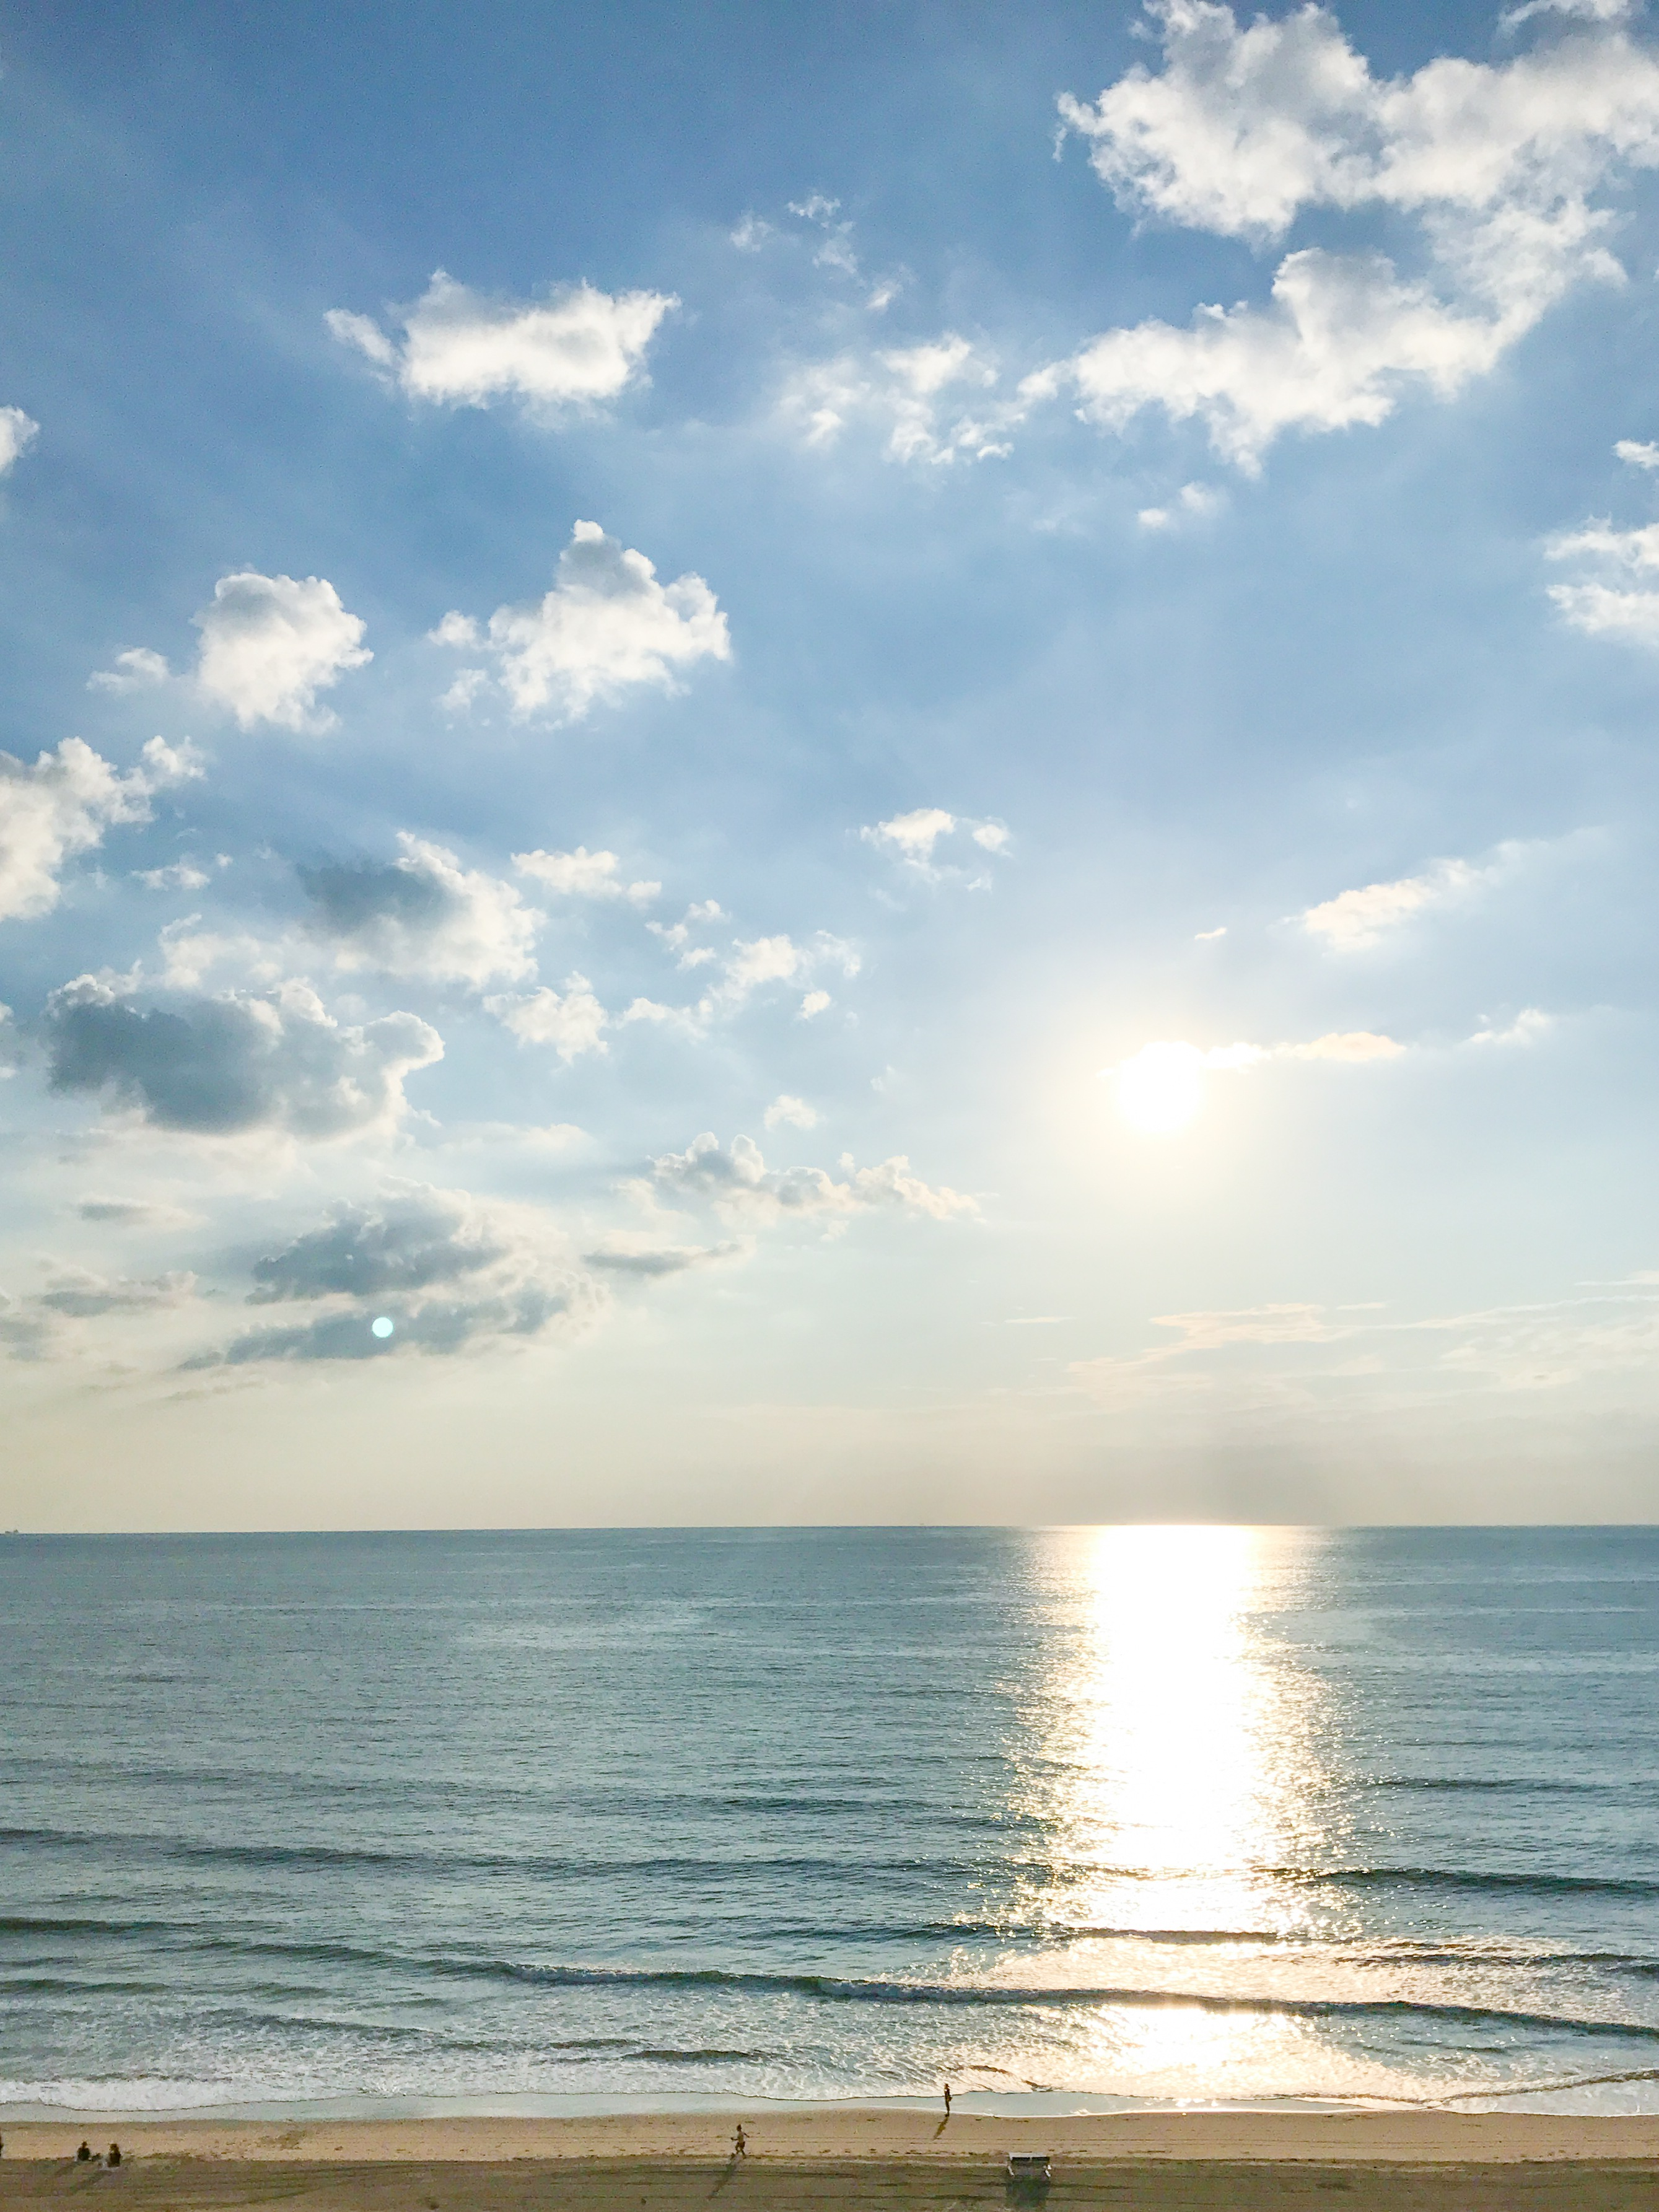 virginia beach travel guide